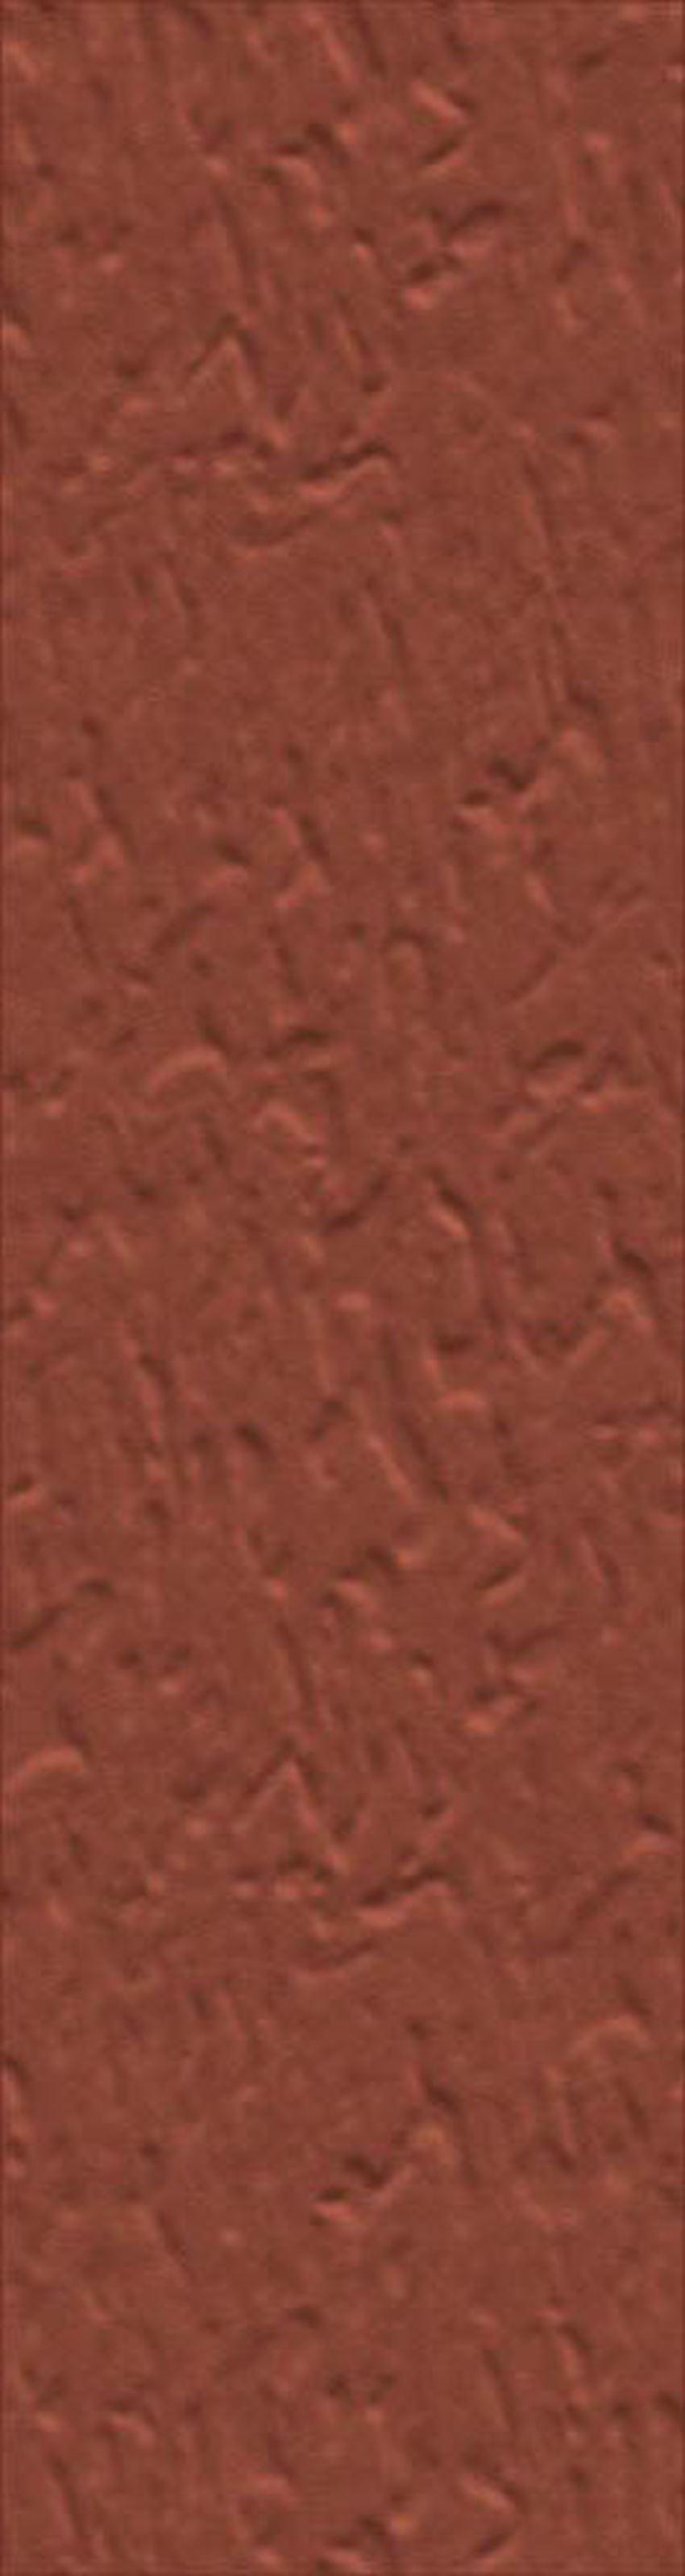 Płytka elewacyjna 6,58x24,5 cm Paradyż Natural Rosa Elewacja Duro